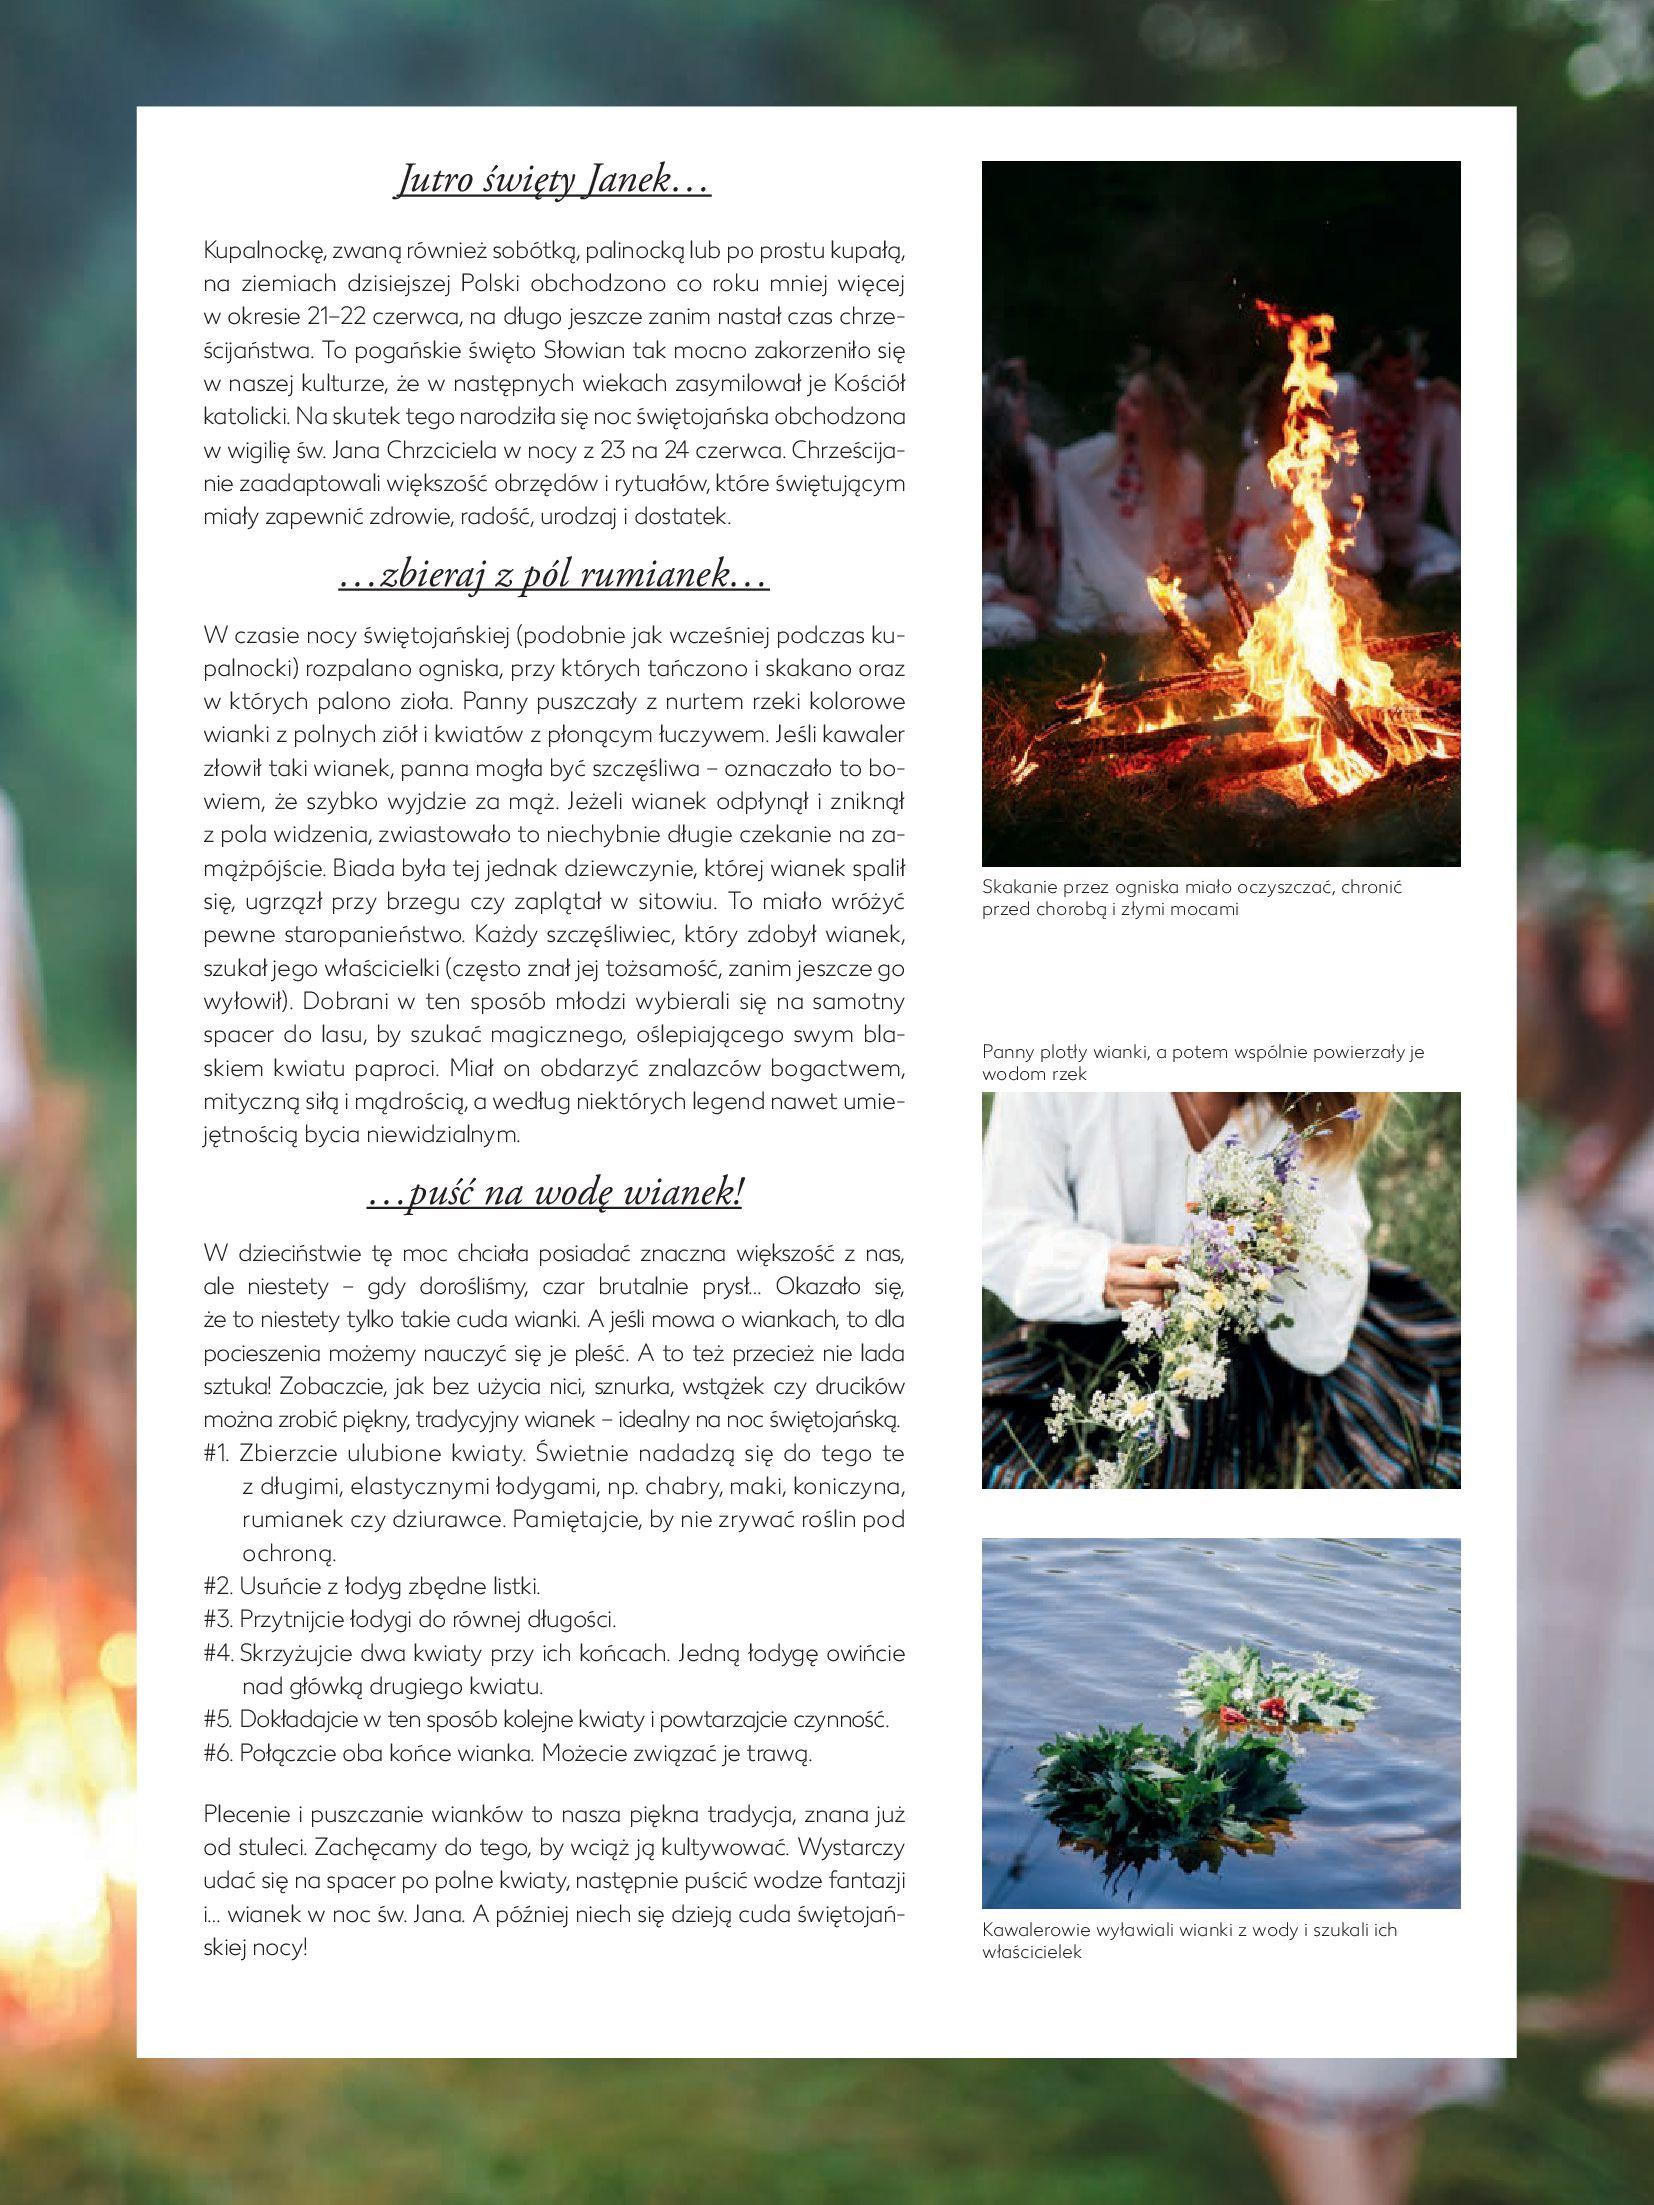 Gazetka Kaufland: Gazetka Kaufland - katalog 2021-05-11 page-31